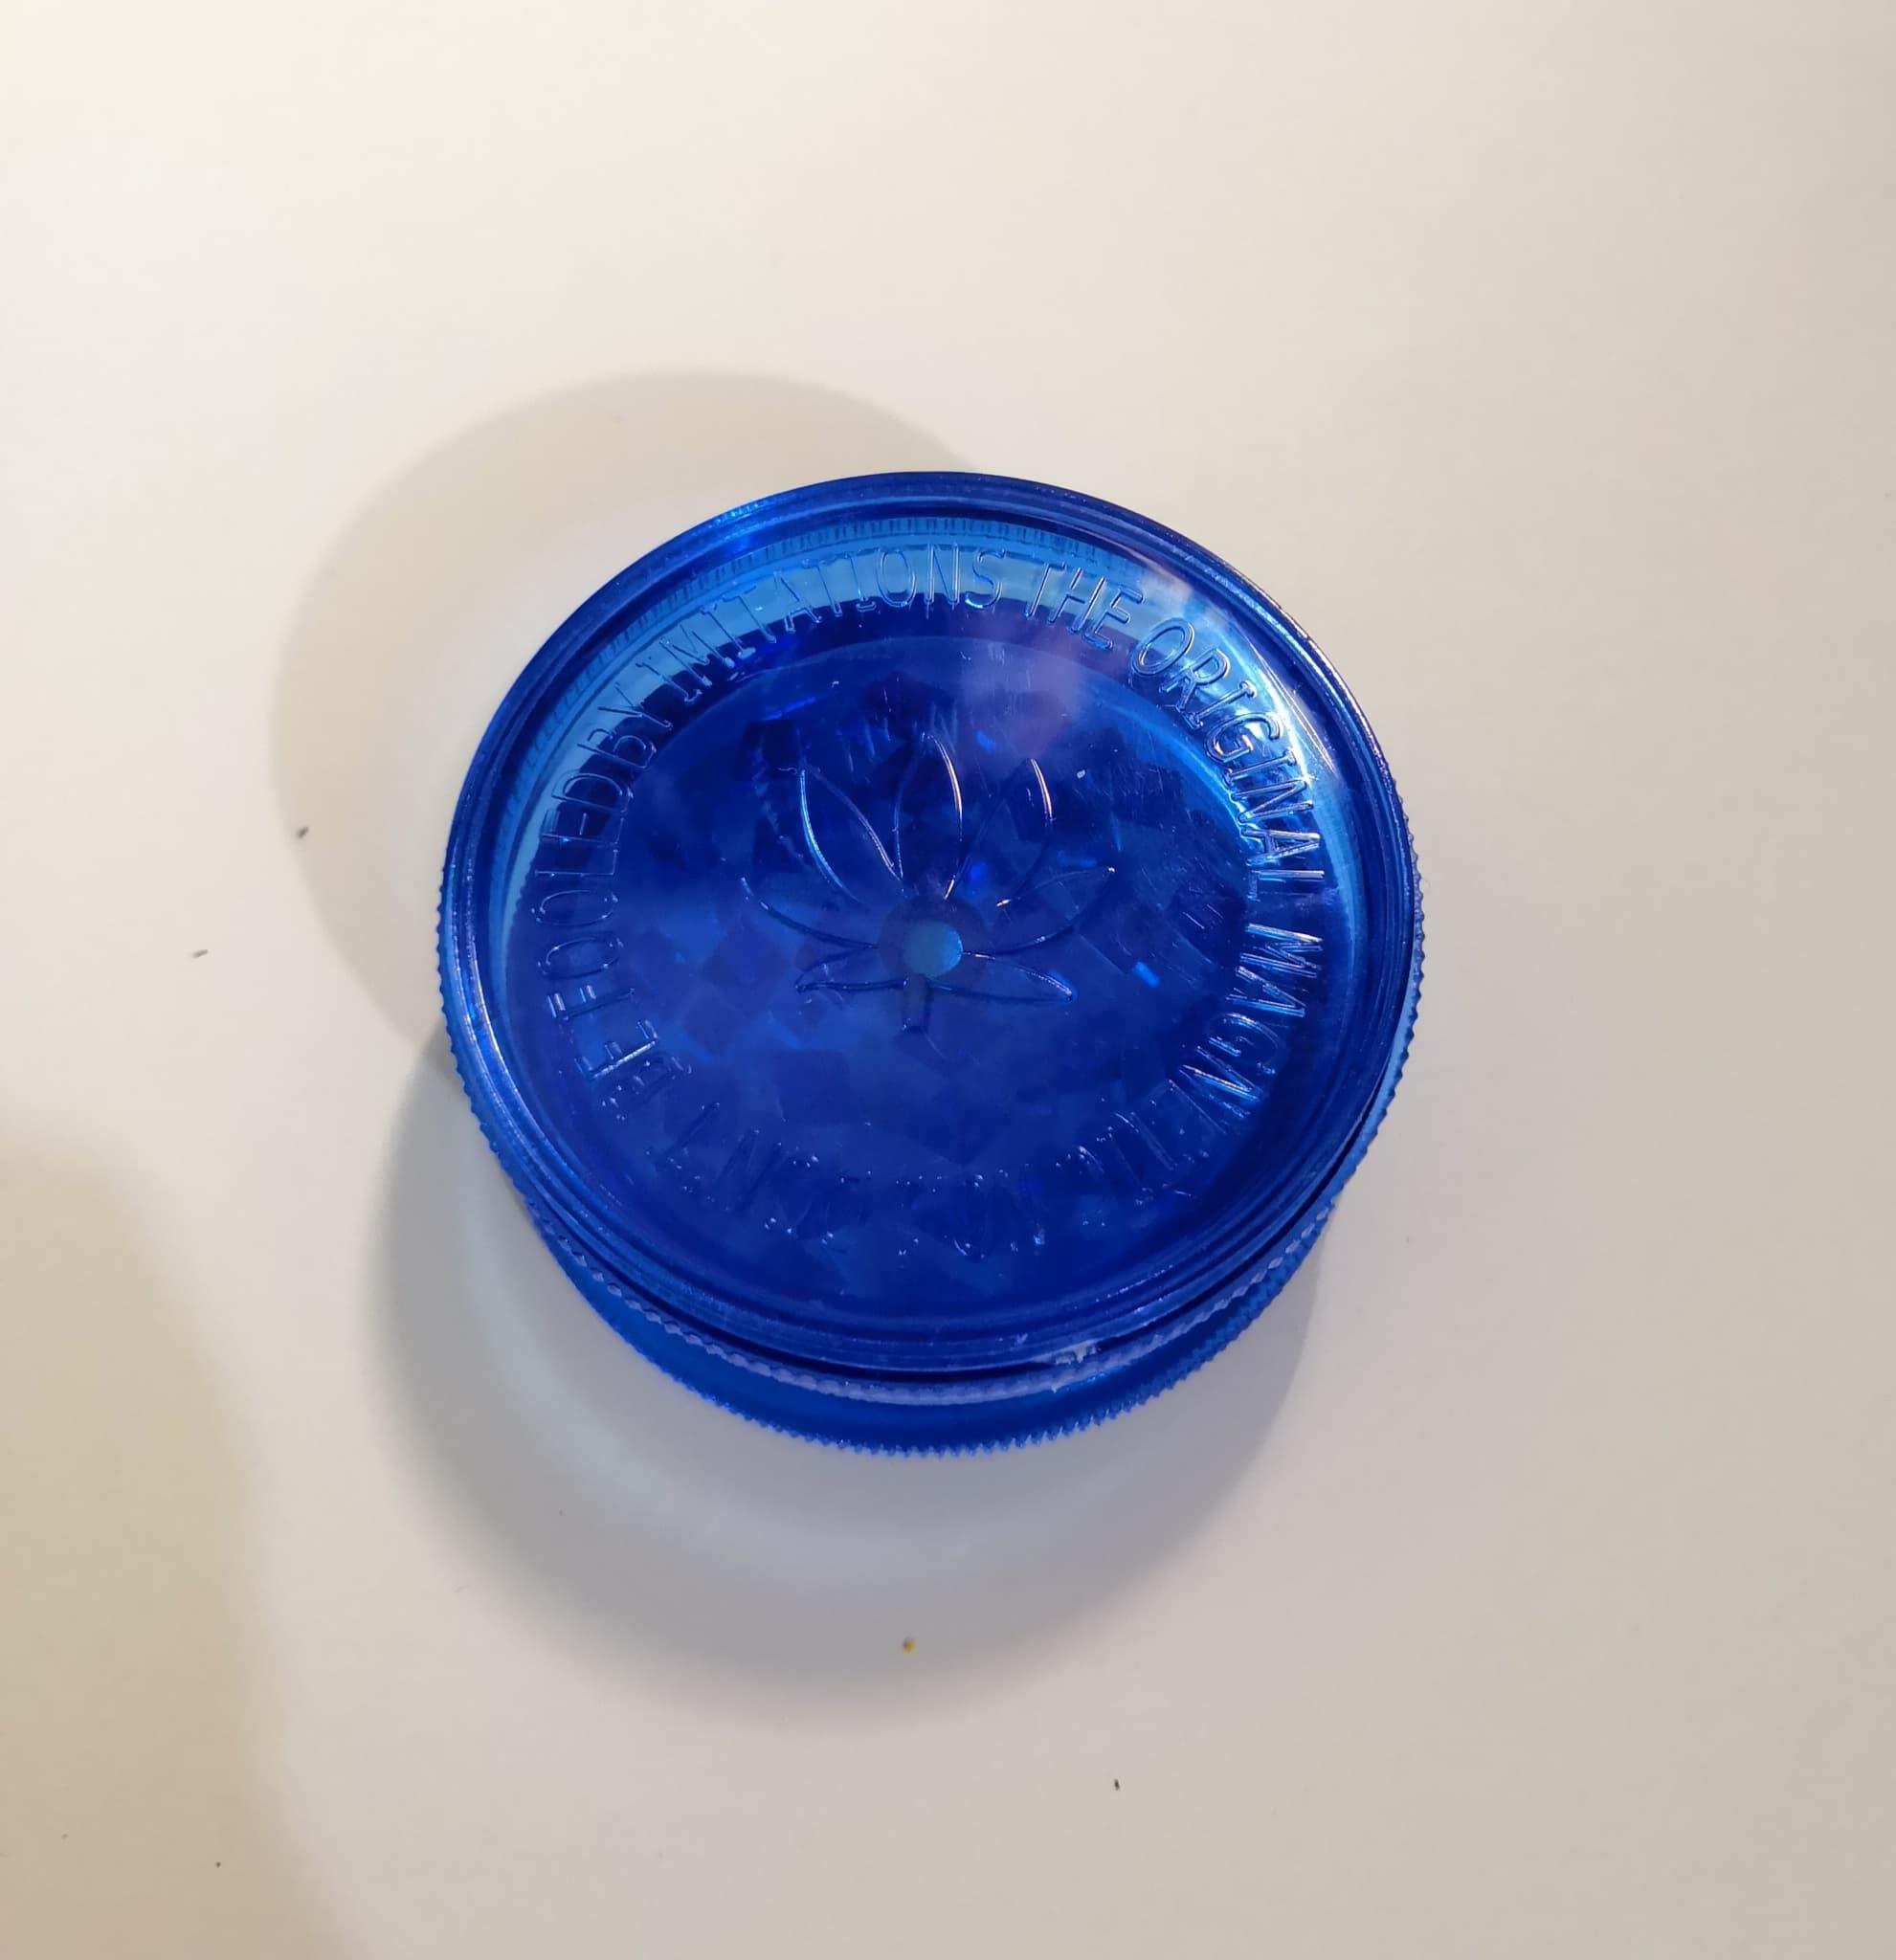 Drtička plastová Buddies 6 cm modrá